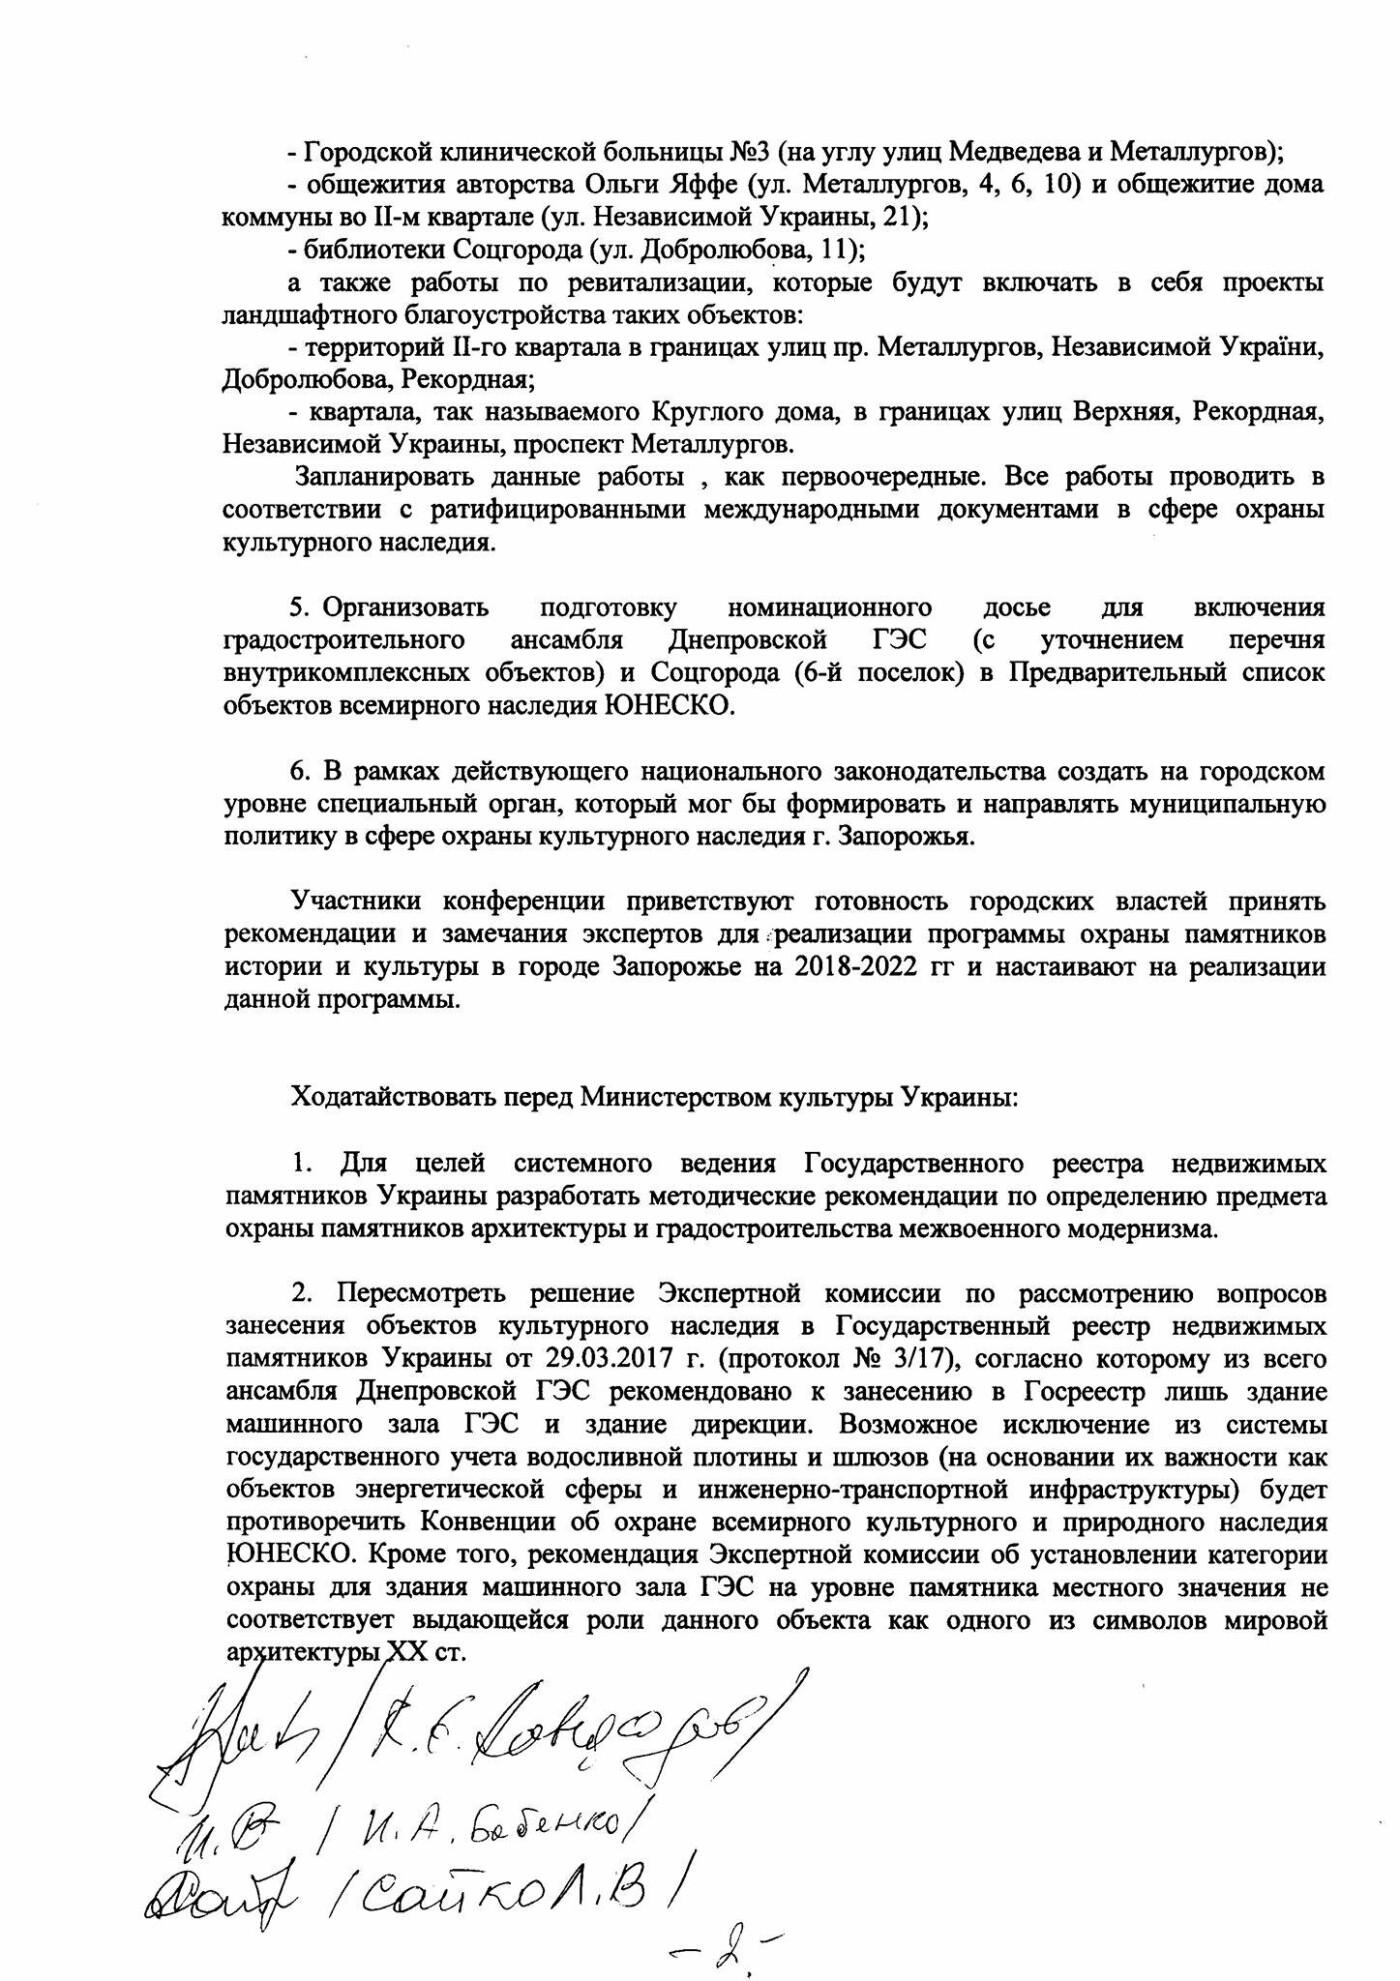 Спасти Соцгород: немецкие и украинские архитекторы подписали резолюцию для запорожской власти, - ФОТОРЕПОРТАЖ, фото-20